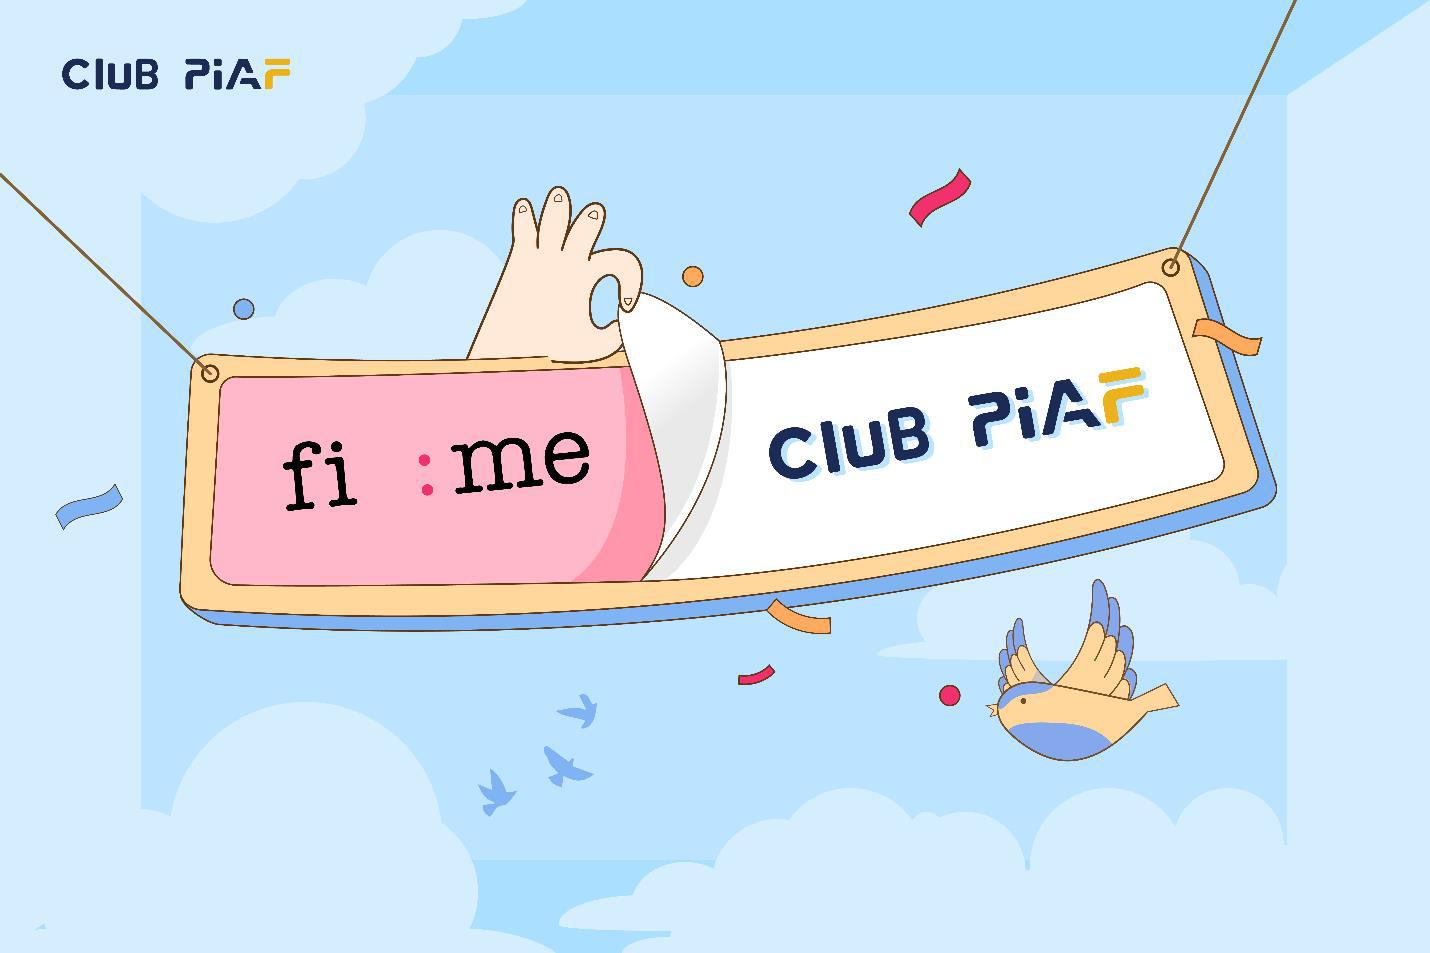 Club Piaf - Nền tảng review hiện đại, tích hợp trải nghiệm và mua sắm - Ảnh 1.